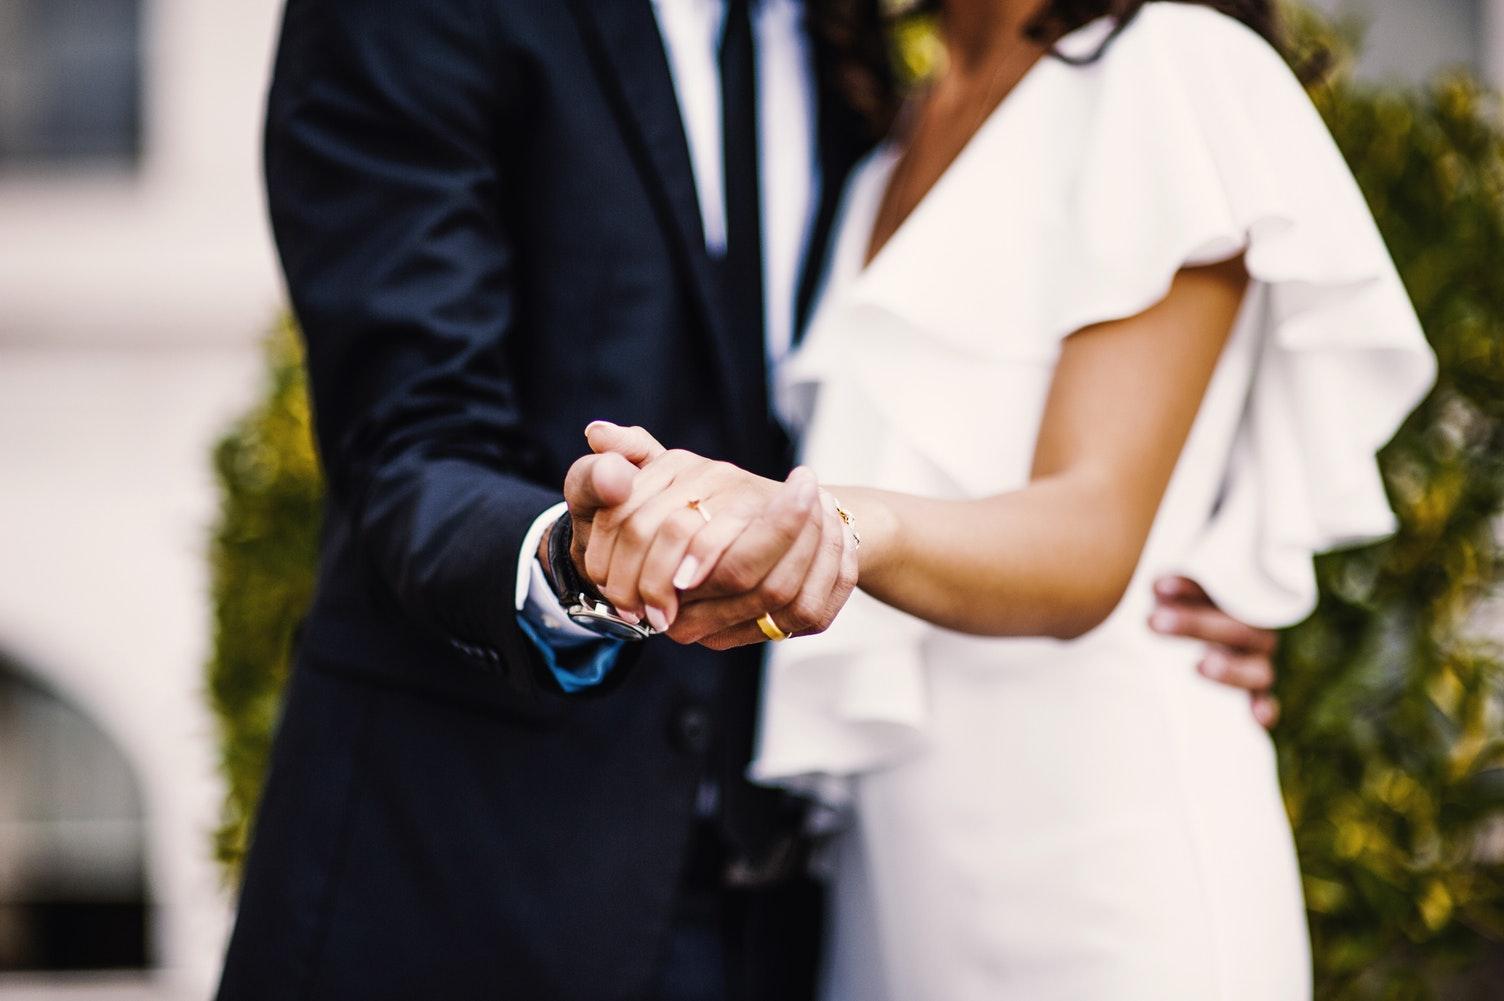 evlilik hazırlık sürecinde yapılan hatalar